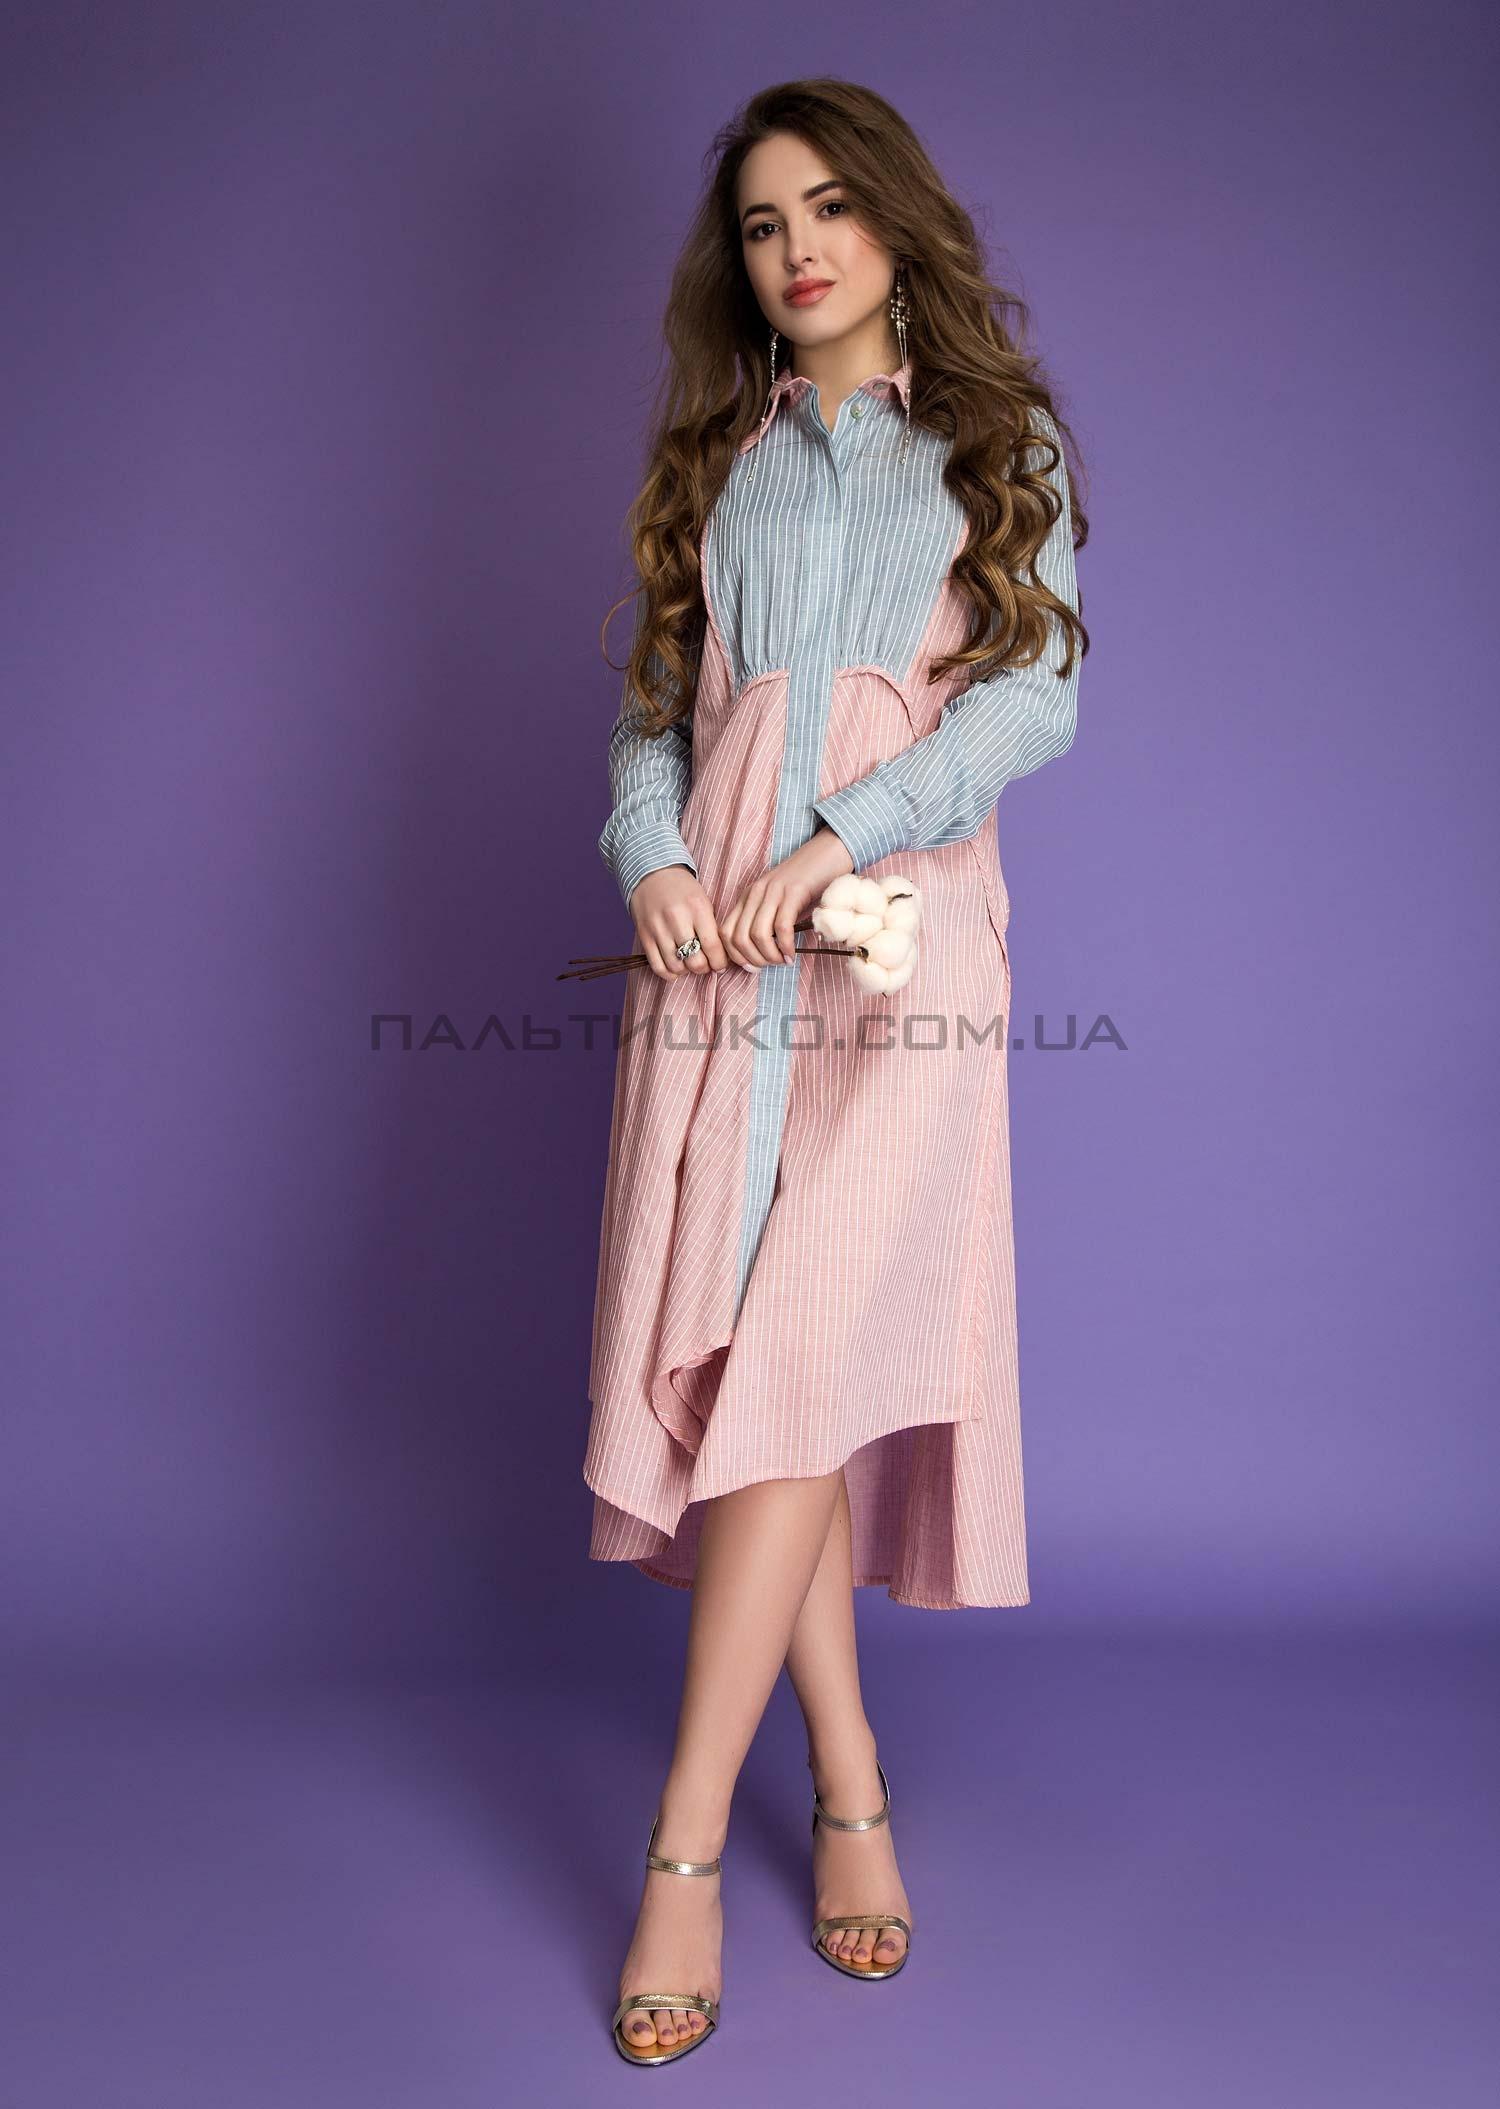 Платье серо-розовое разнодлинное